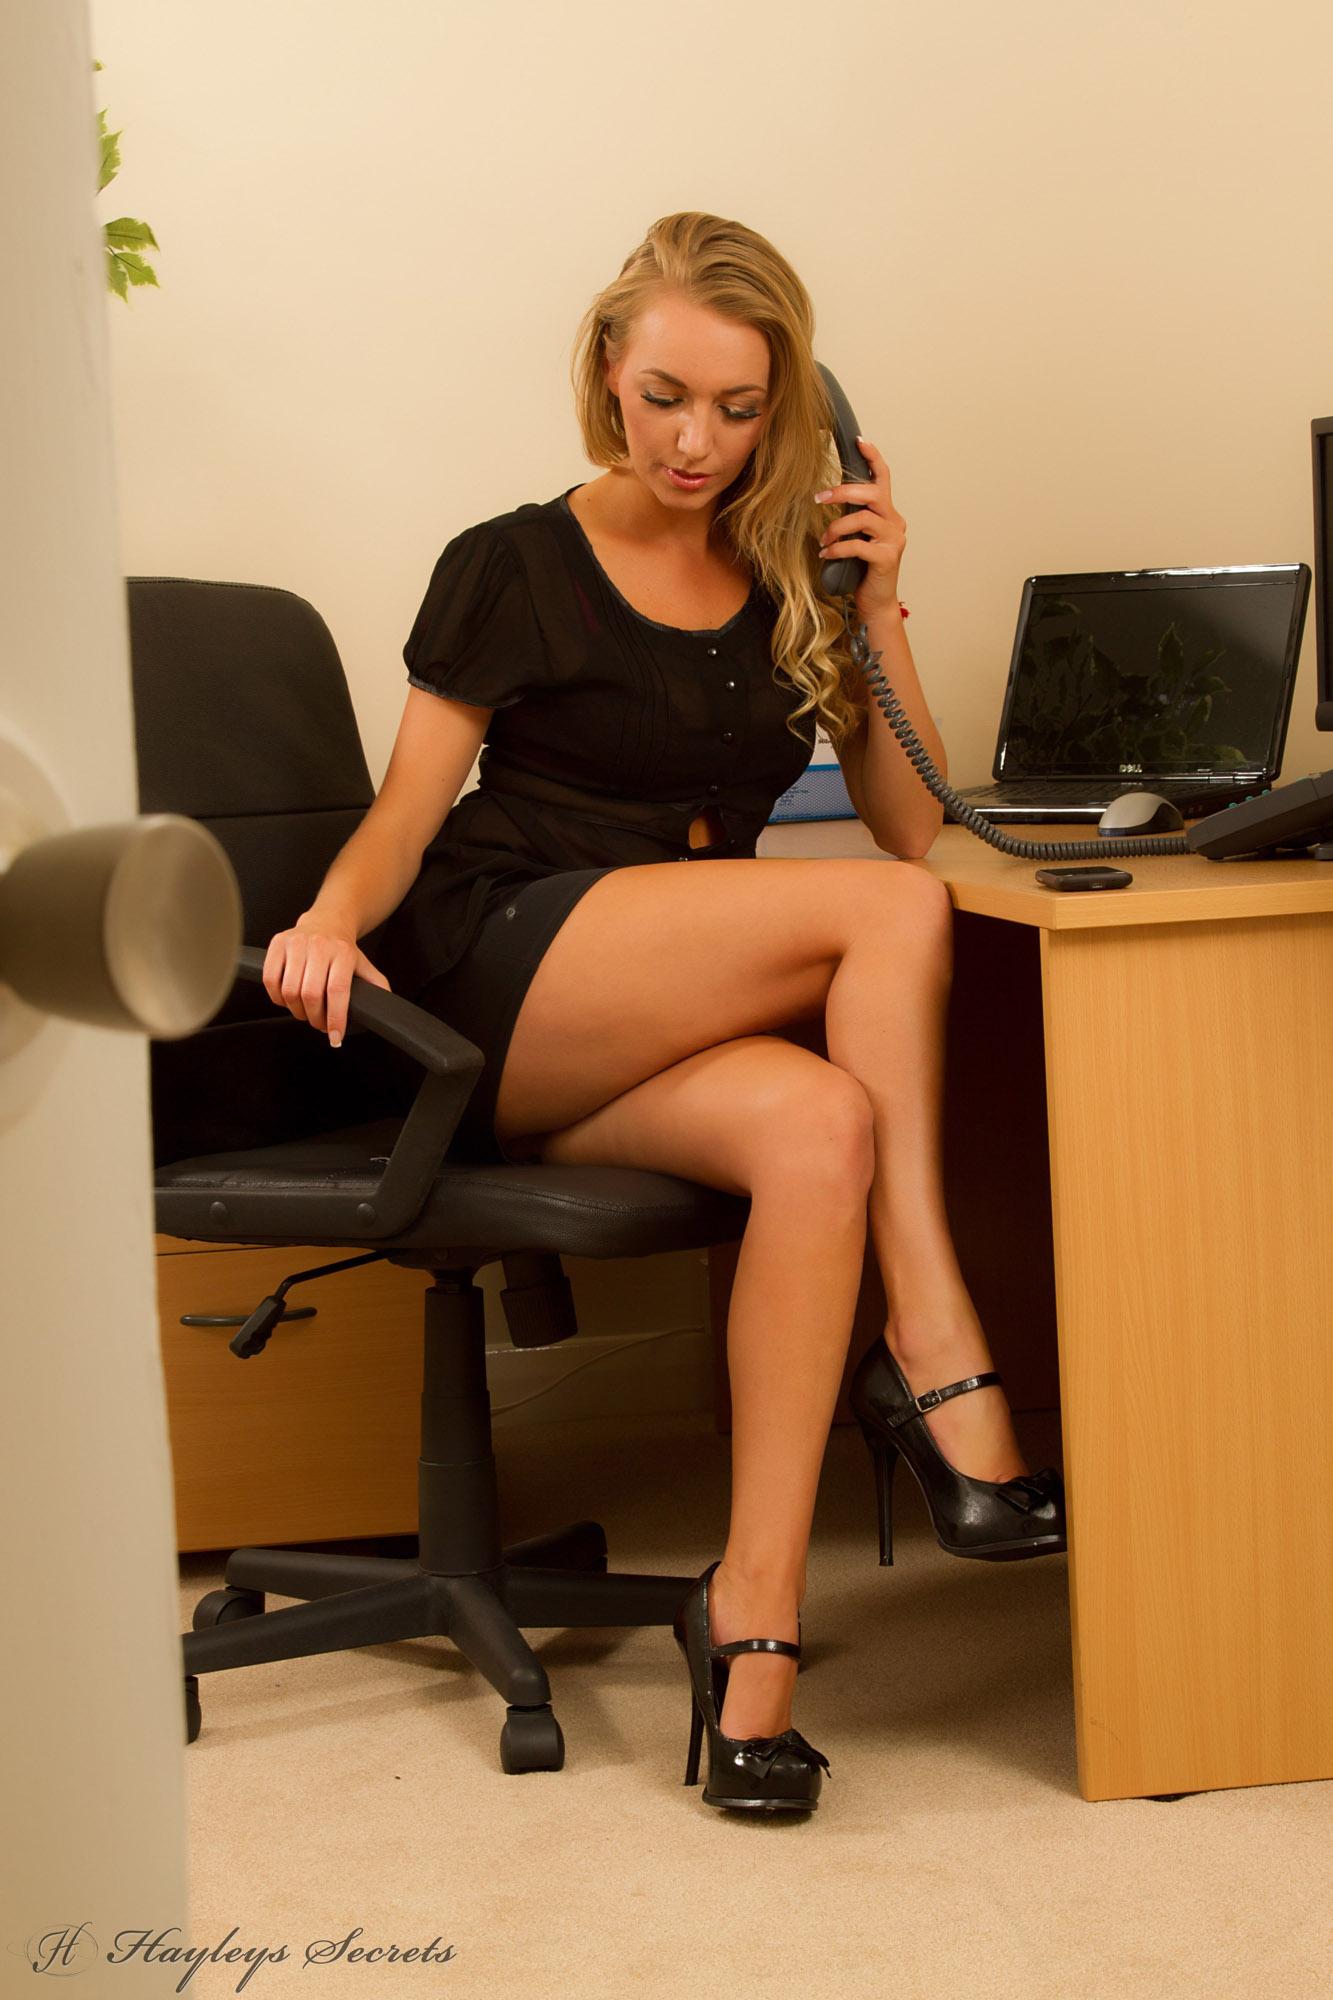 Сексуальные бизнес леди фото 16 фотография